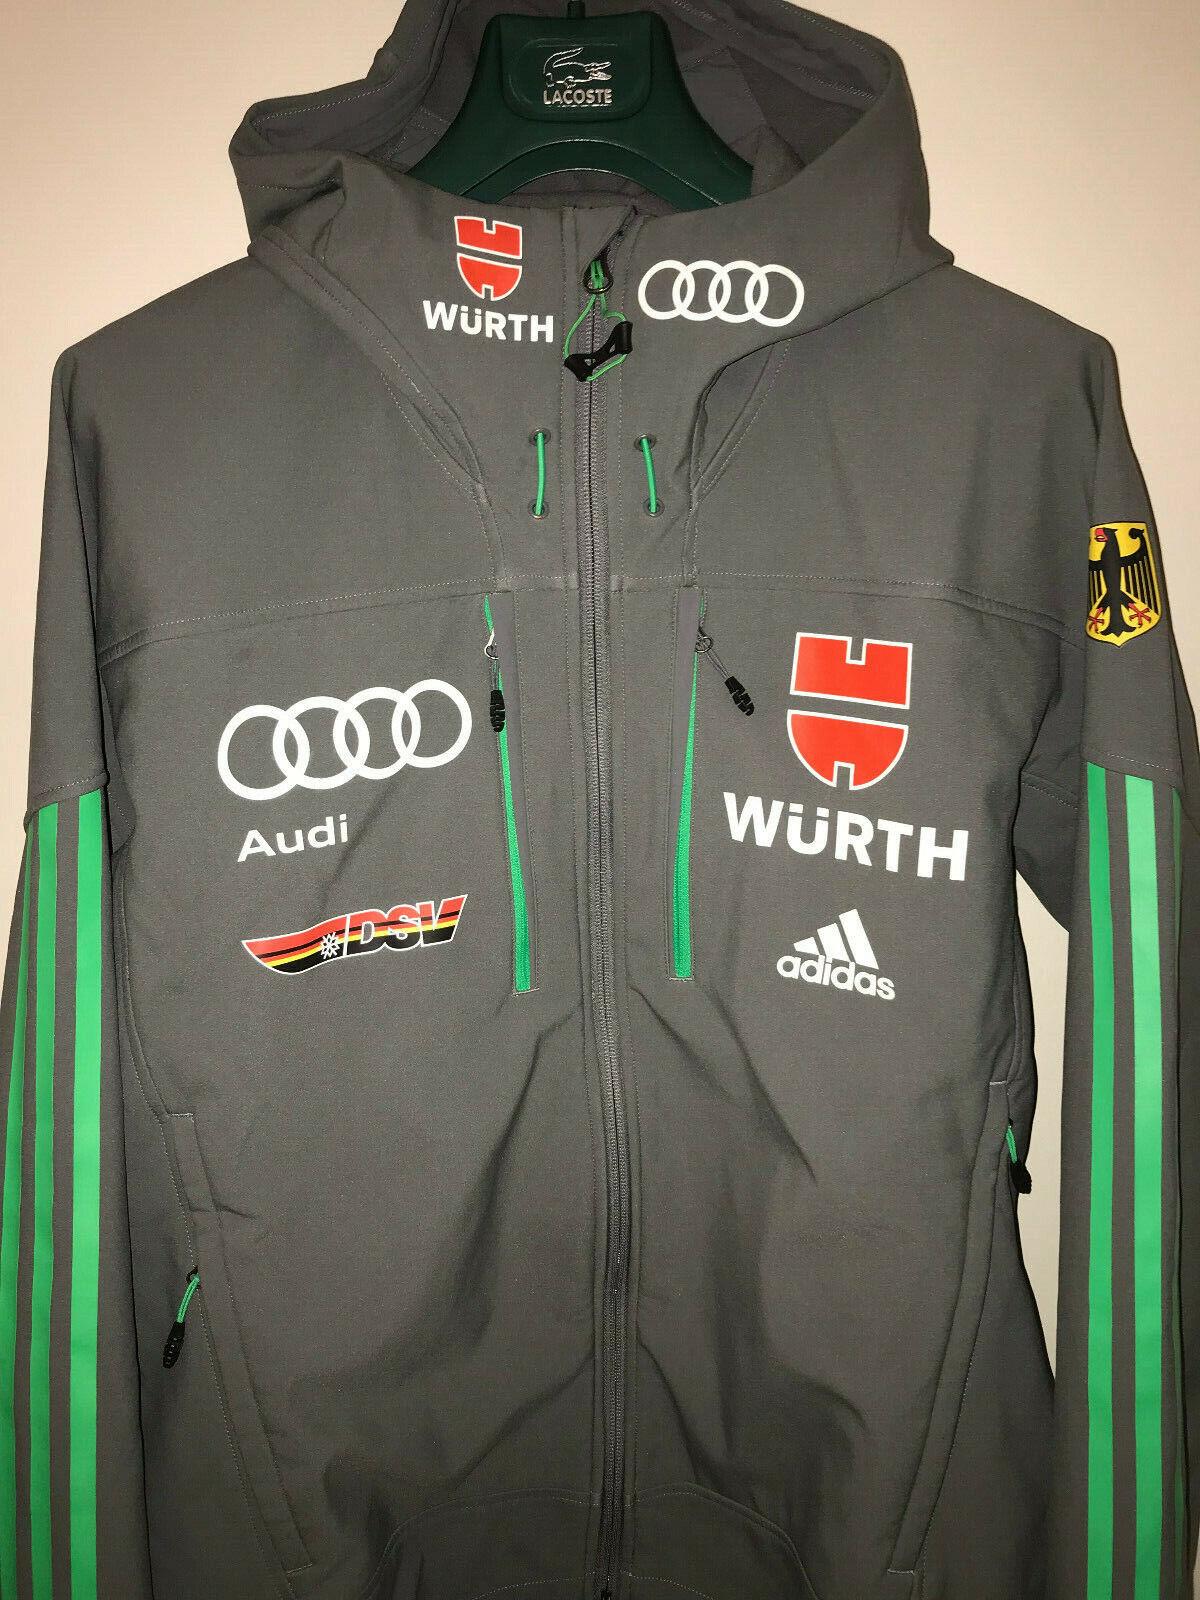 ORIGINAL DSV ADIDAS Athleten Ski Jacke Größe 48 Grün Audi